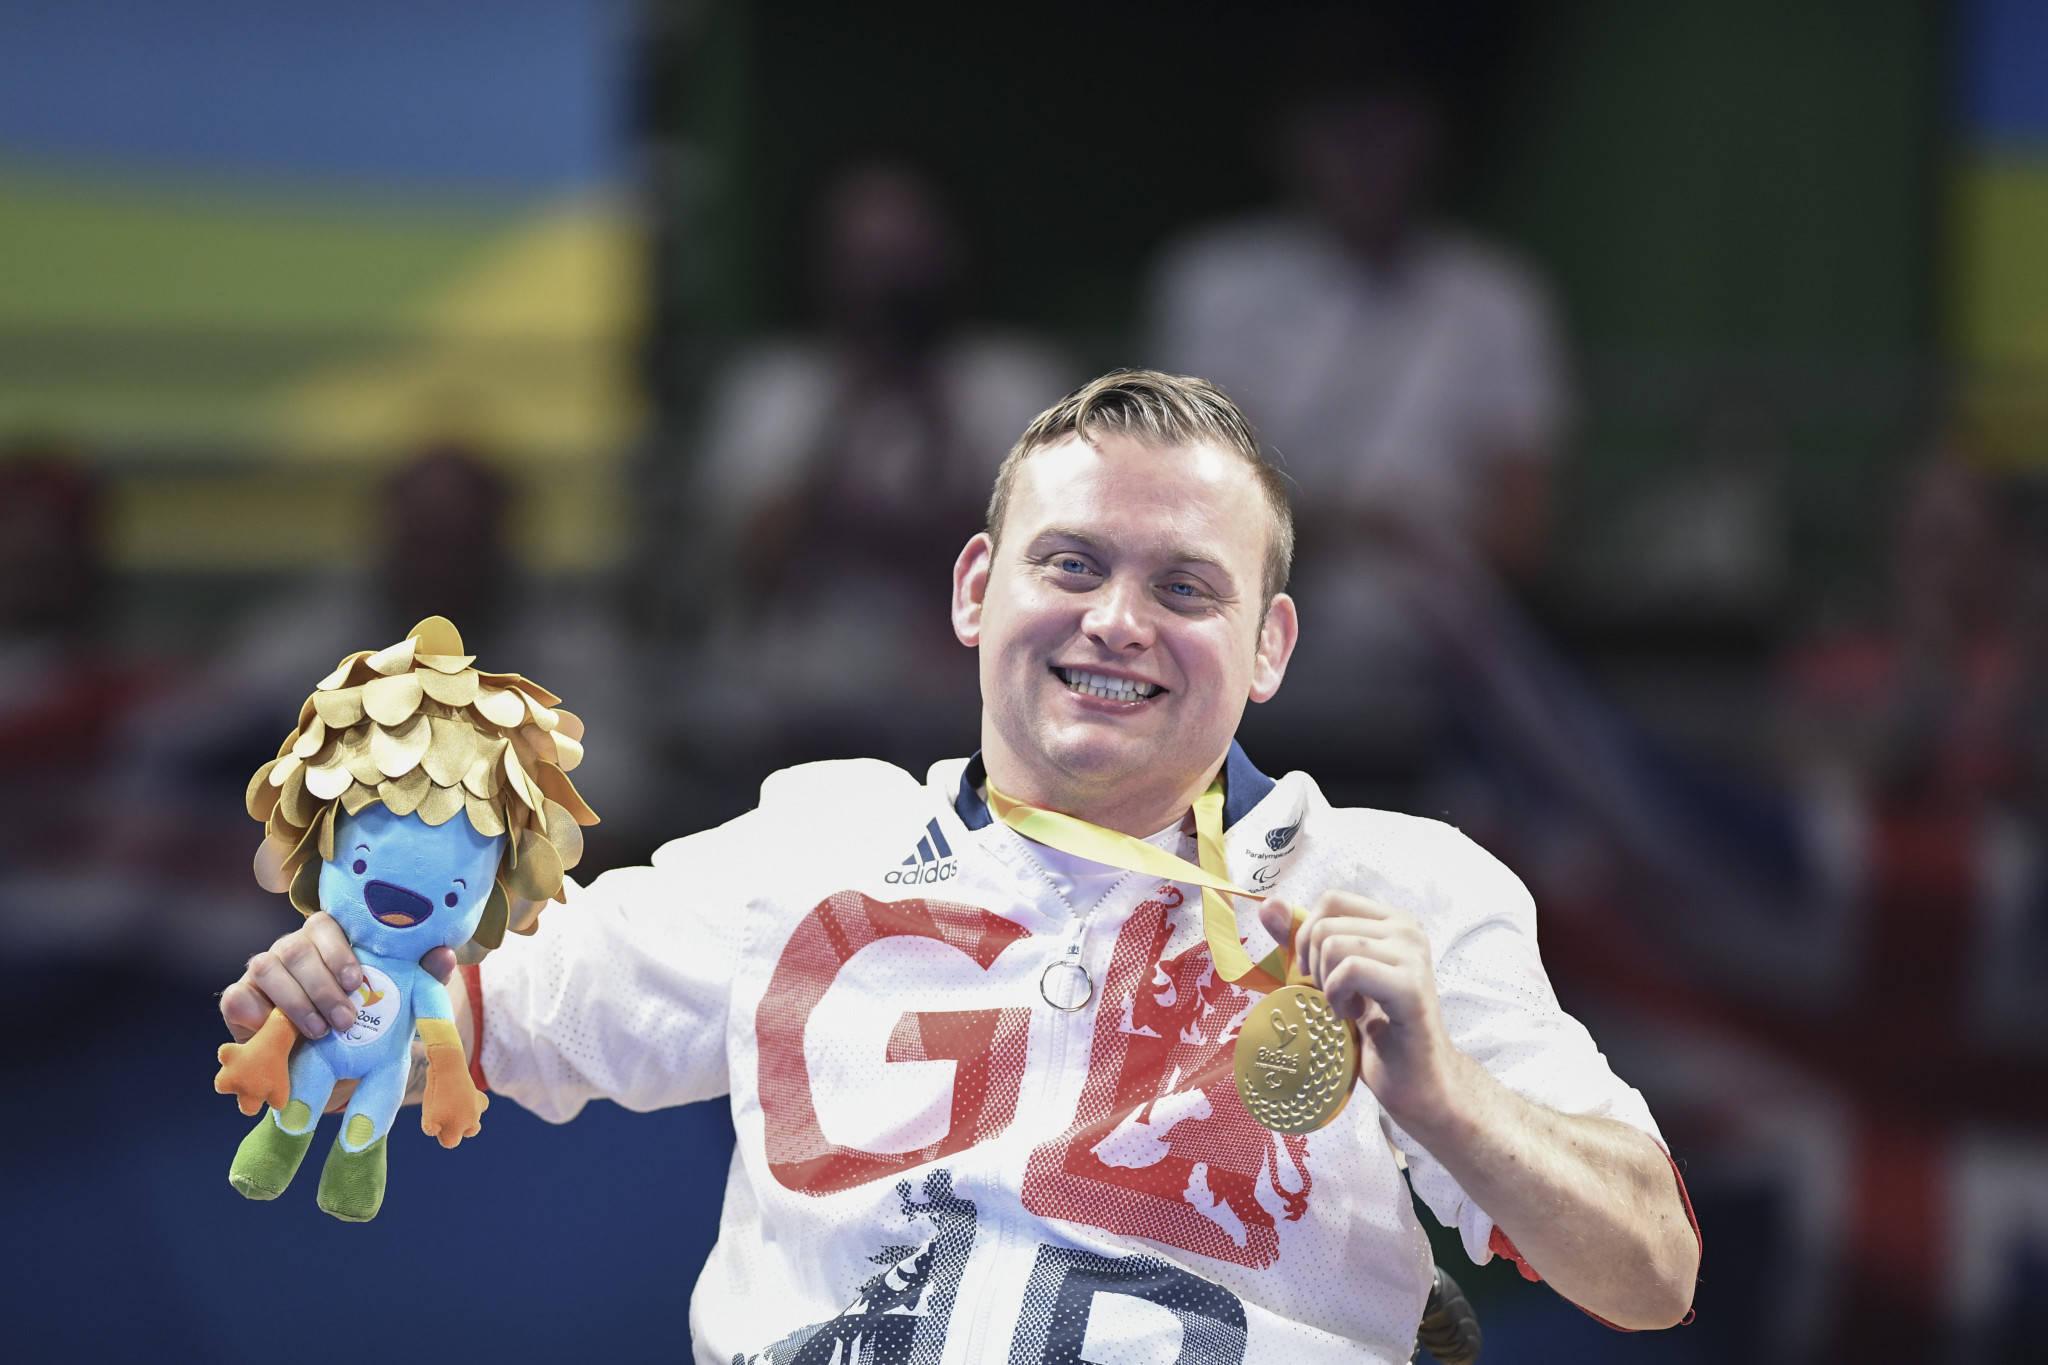 乒乓球卫冕冠军因伤退出东京残奥 名额无法替换